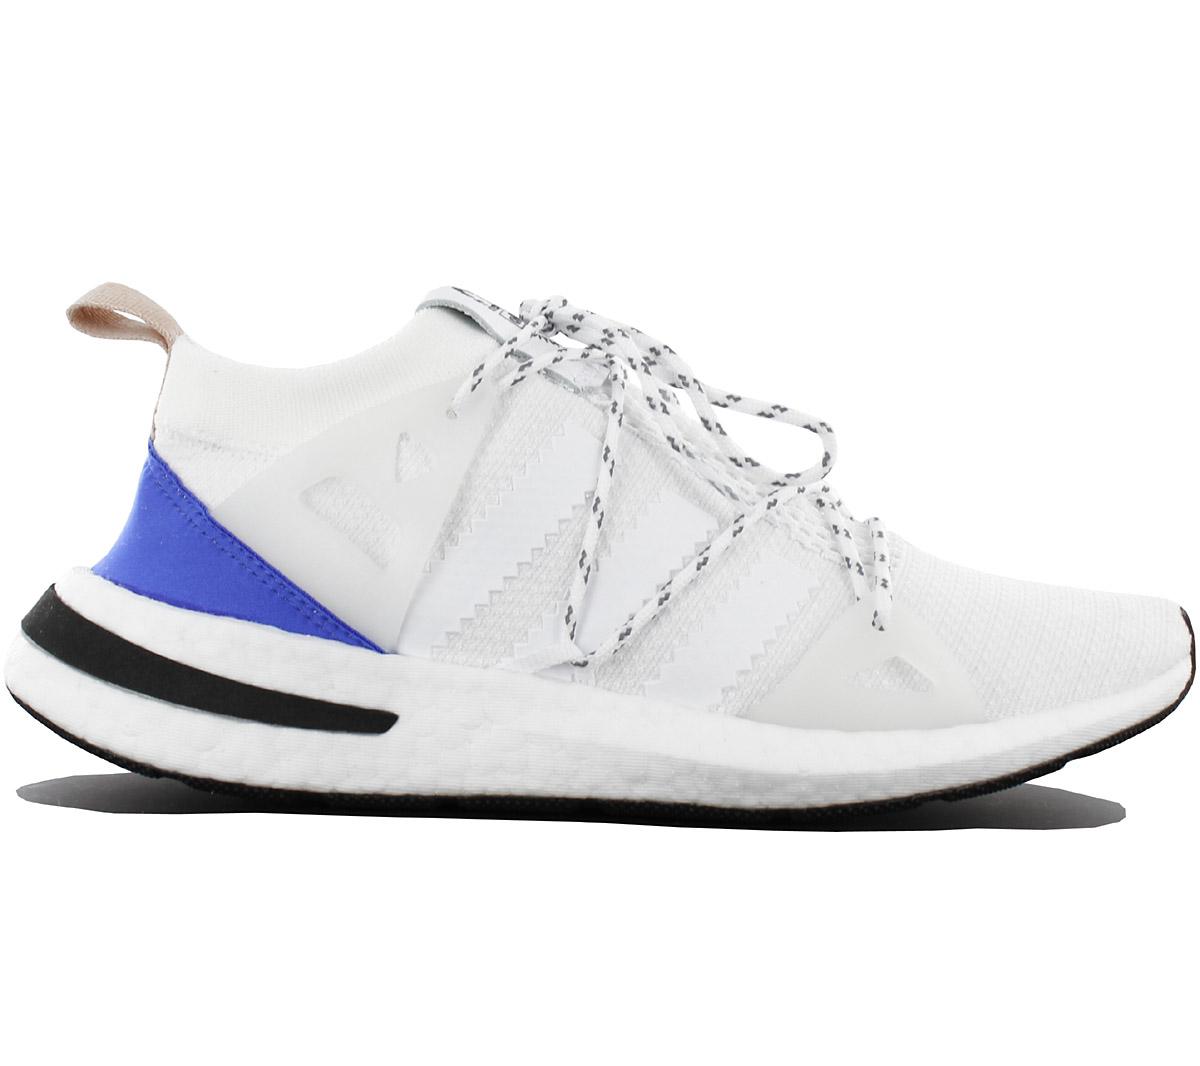 dd2139357b4 Adidas Originals Arkyn W Boost Ladies Sneaker Shoes White Cq2748 Gym ...